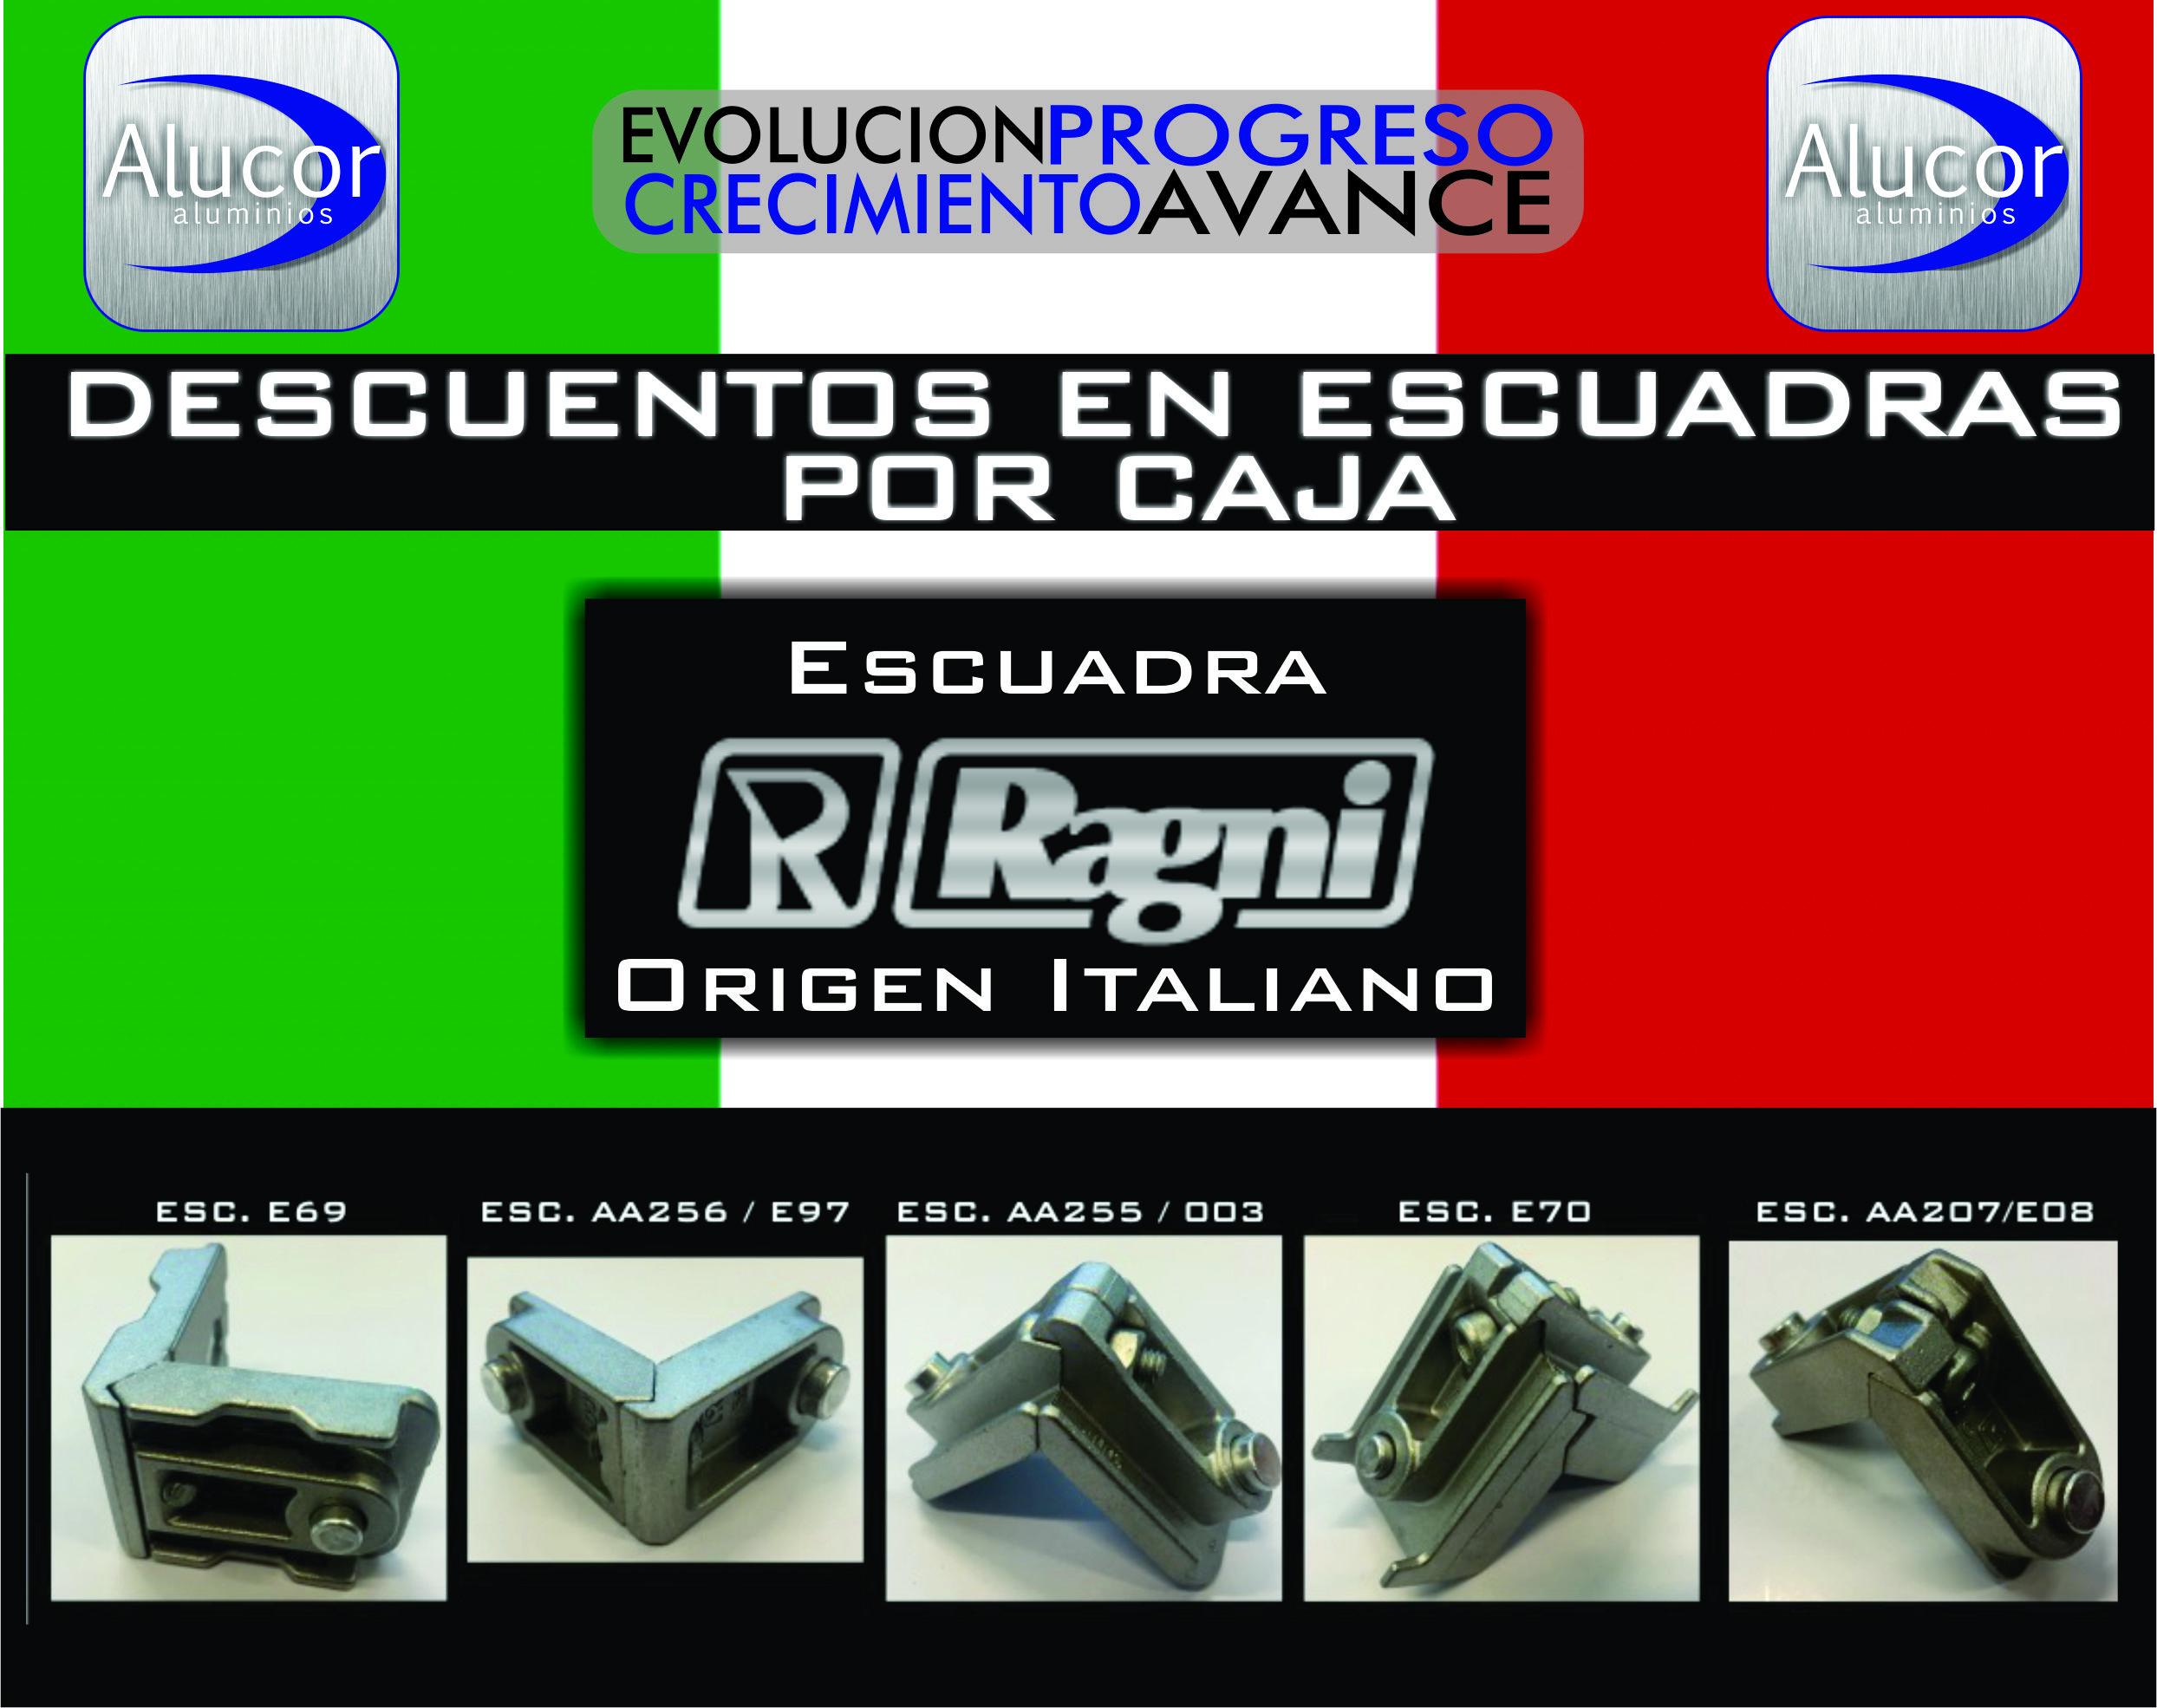 Alucor aluminios mediterr neos perfiles de aluminio for Cotizacion aluminio argentina